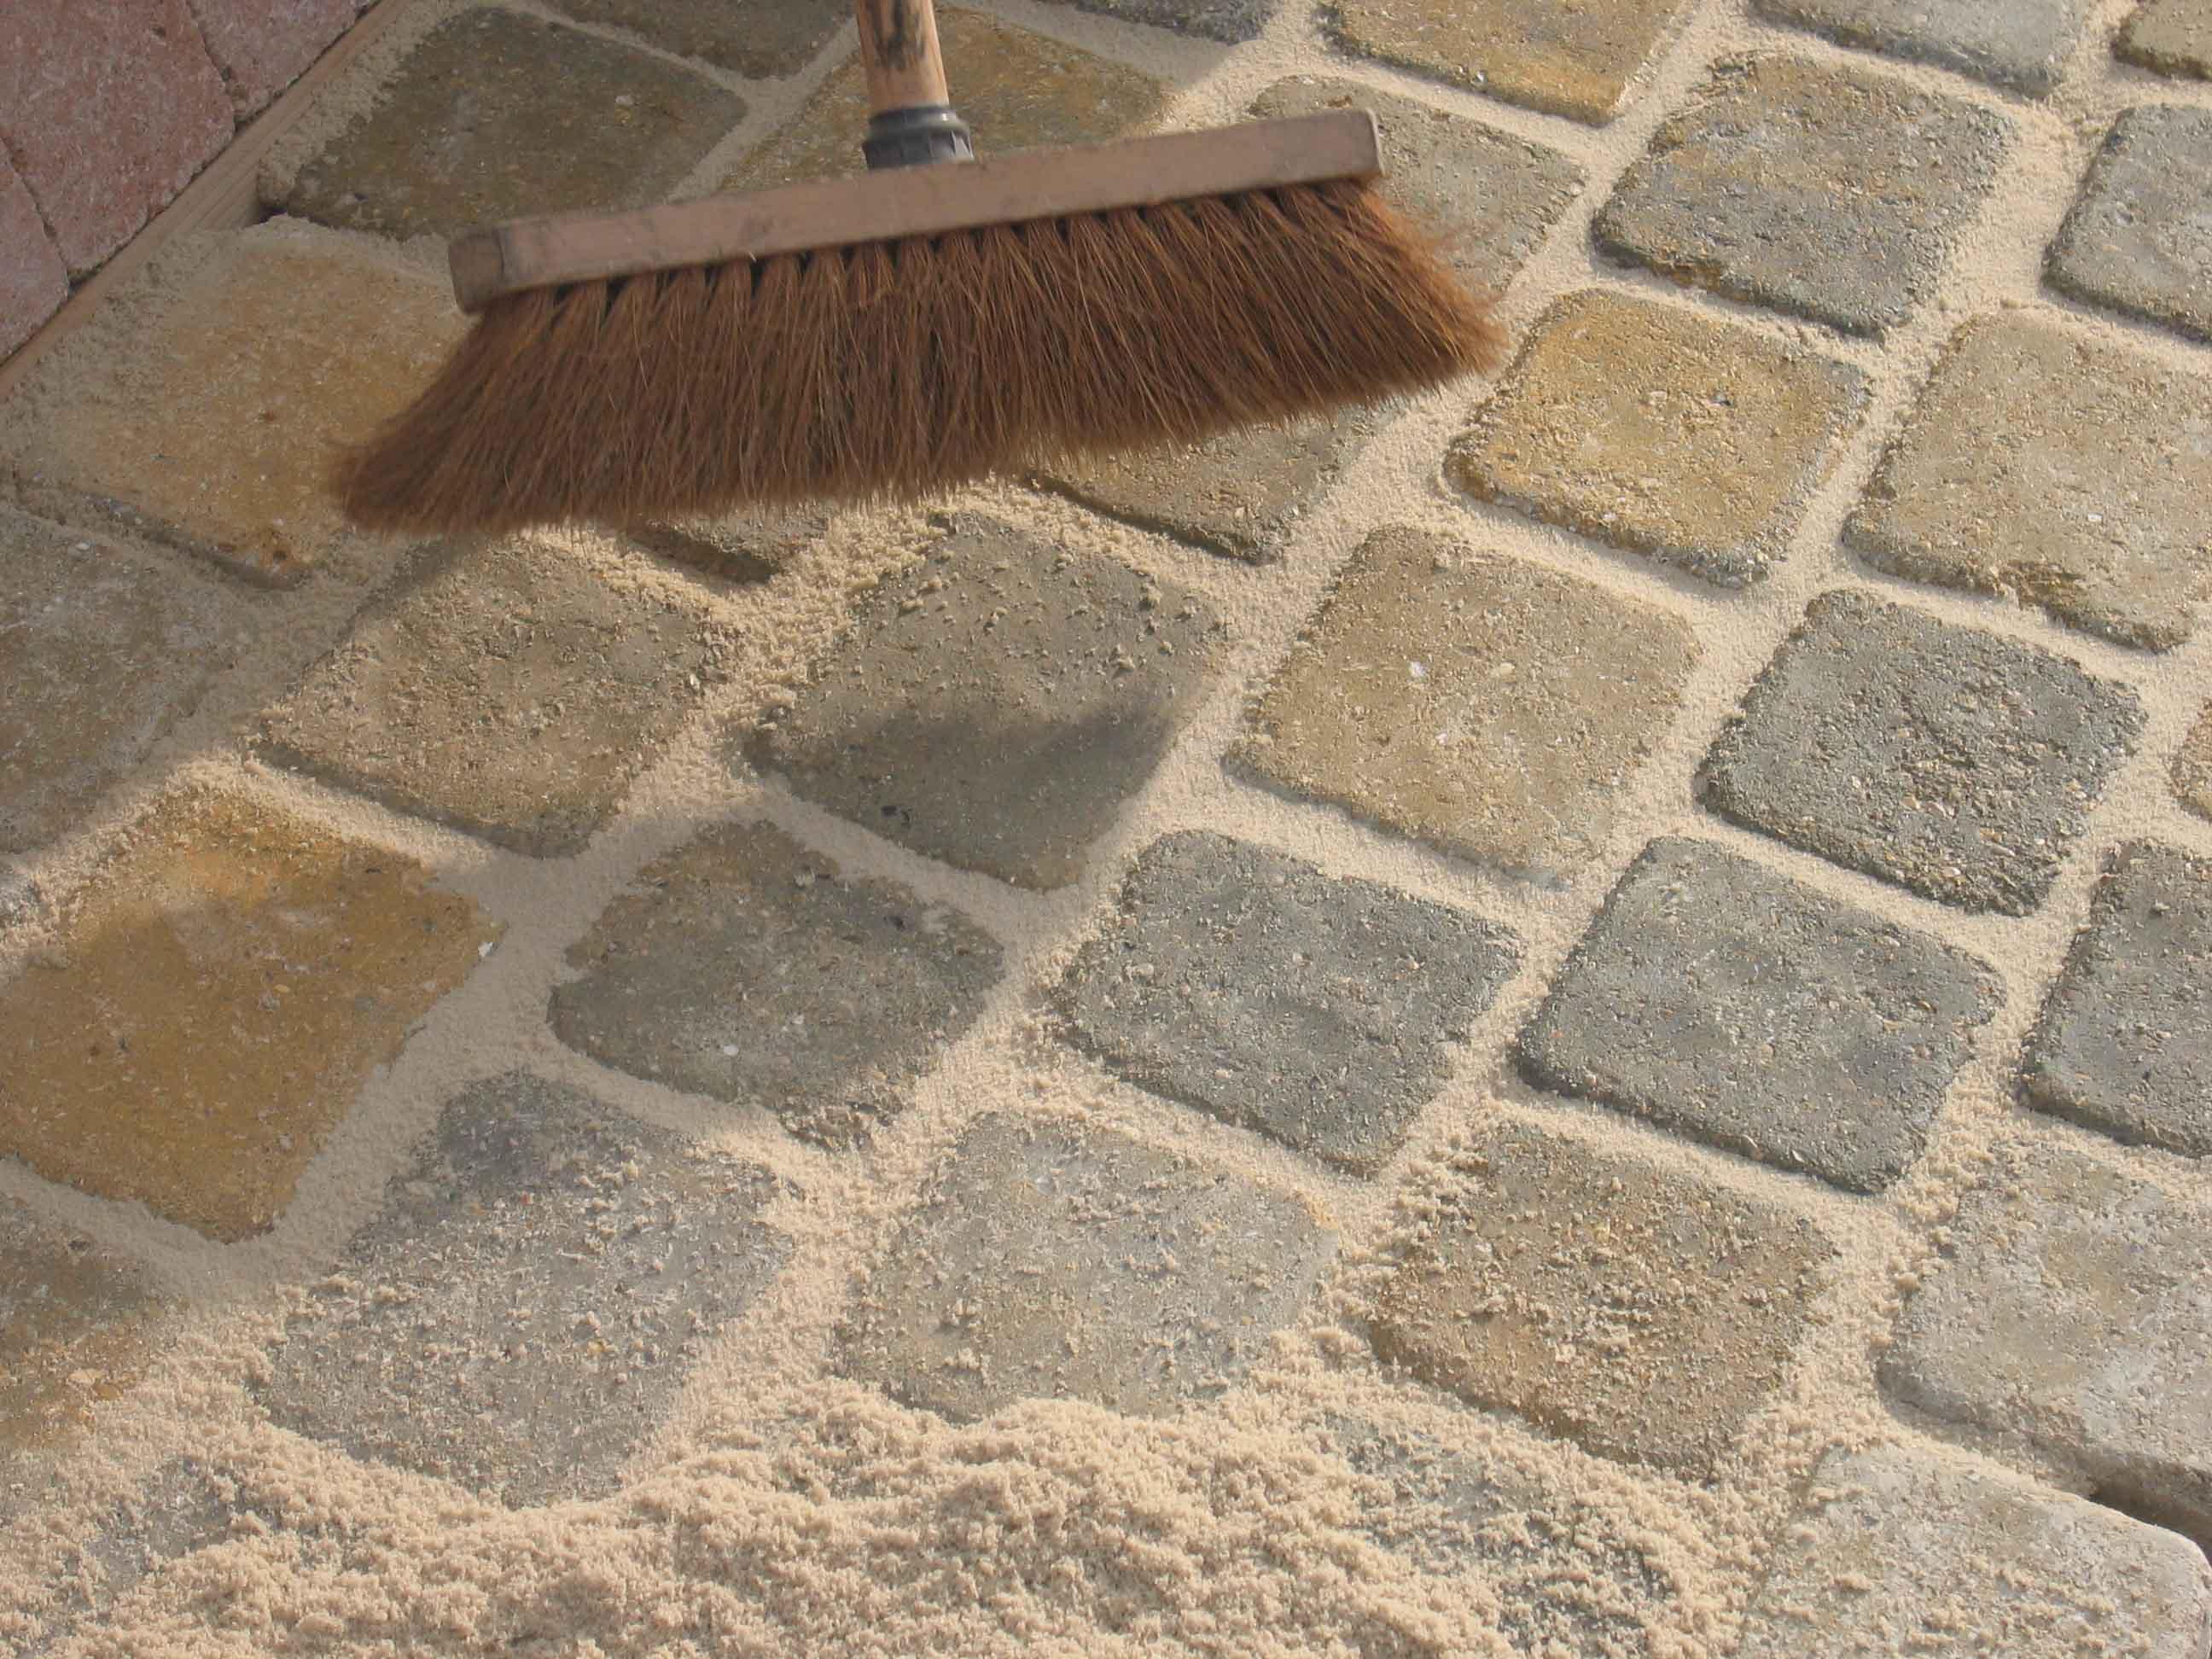 Nettoyer terrasse beton avec javel - Mailleraye.fr jardin